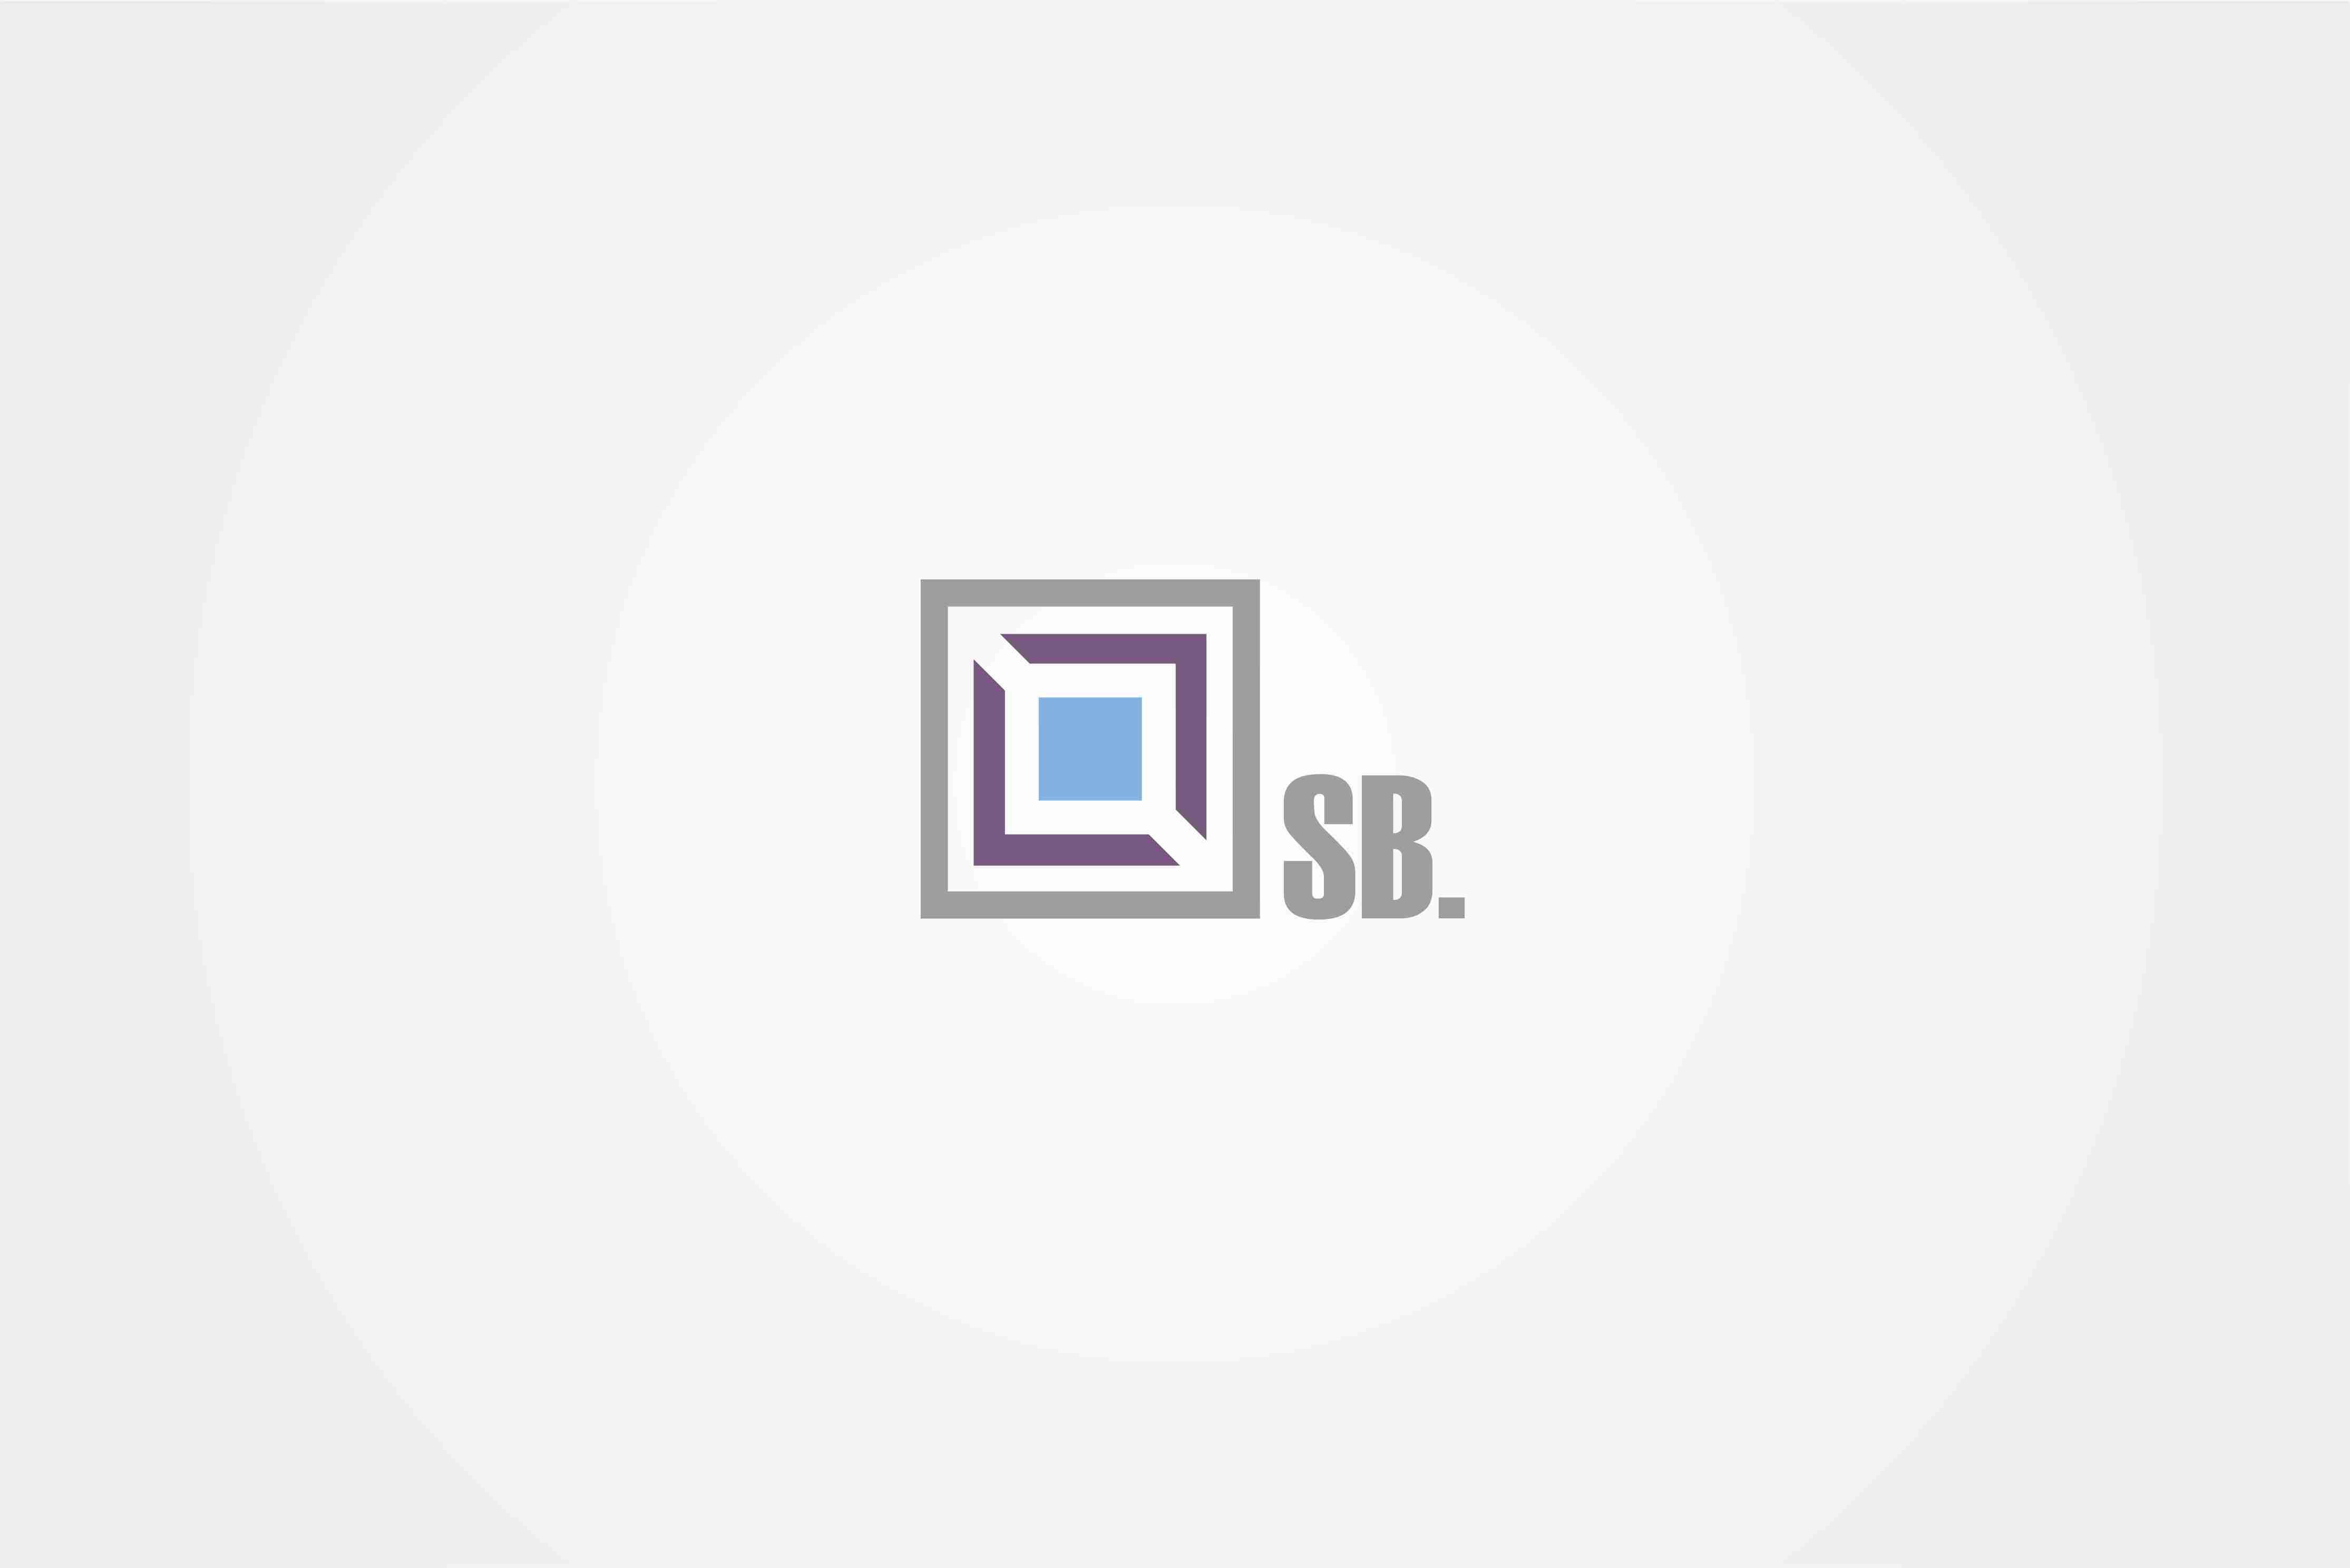 Логотип + Визитка Портала безопасных сделок фото f_504535d6a44e2e88.jpg